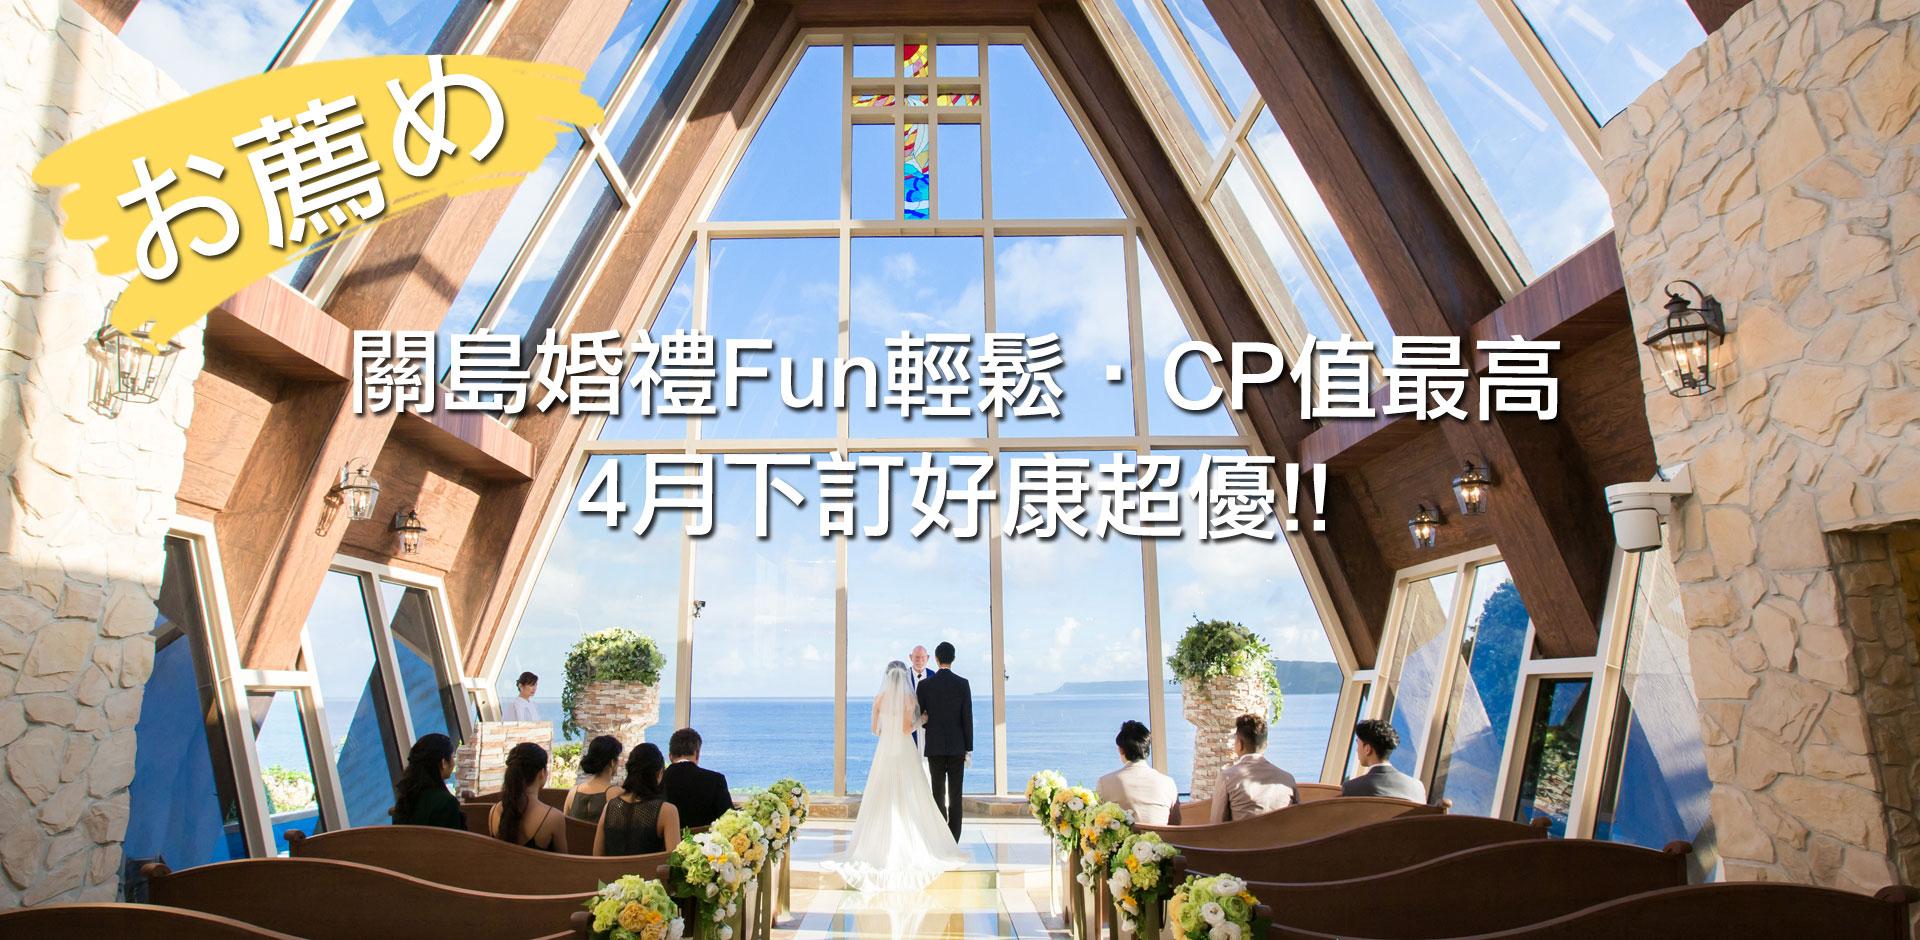 關島婚禮Fun輕鬆•CP值最高•4月下訂好康超優!!